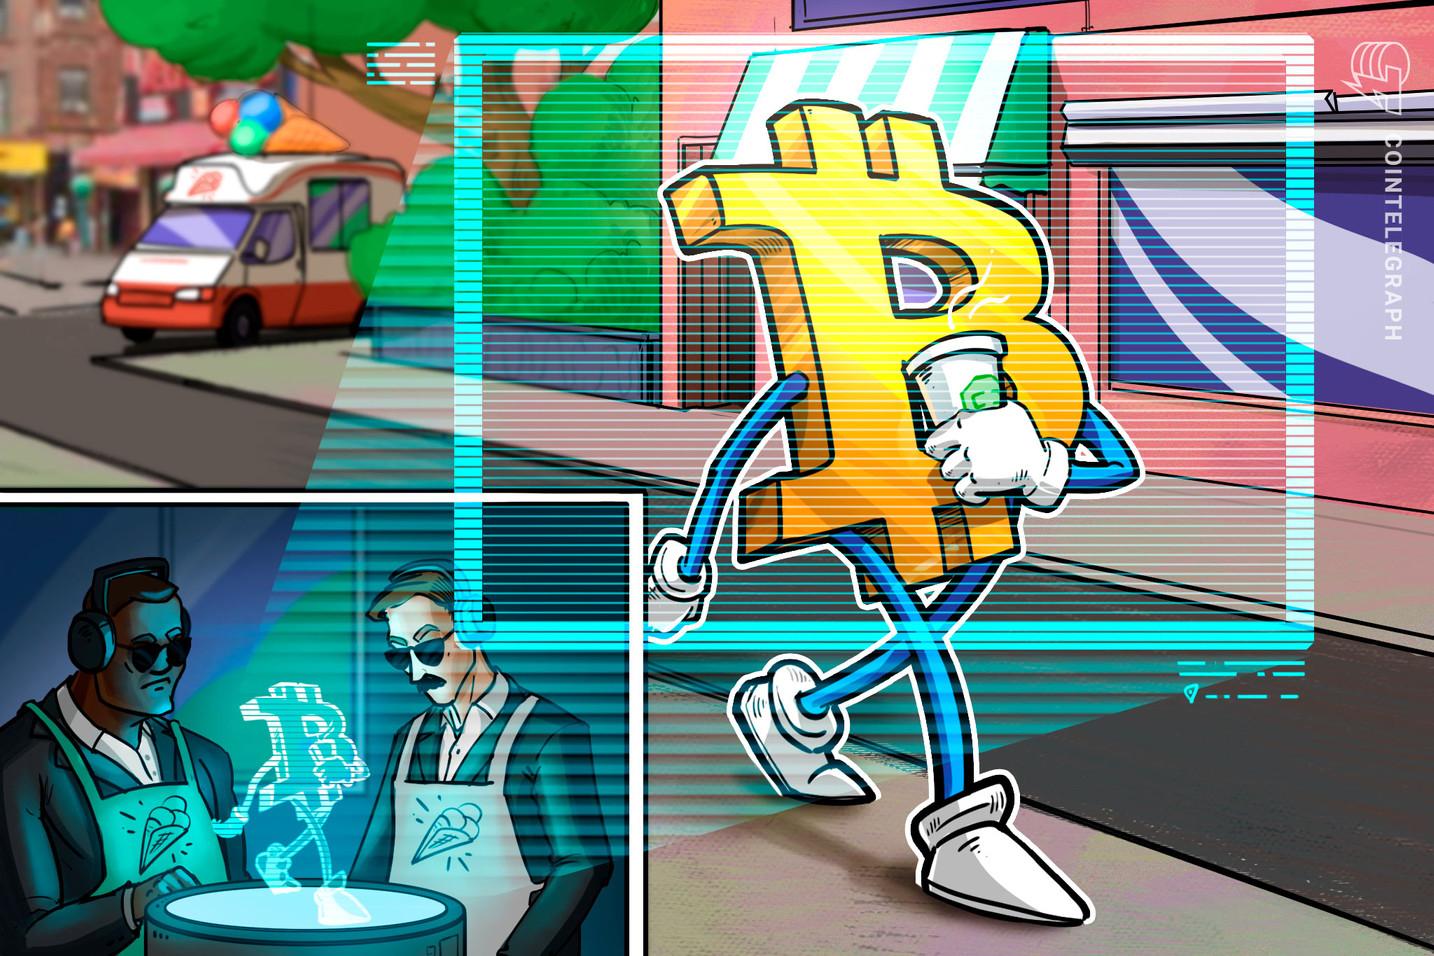 Olvídate de los 10,000 dólares, la ruptura de los 12,000 dólares de Bitcoin pillará a todo el mundo con la guardia baja